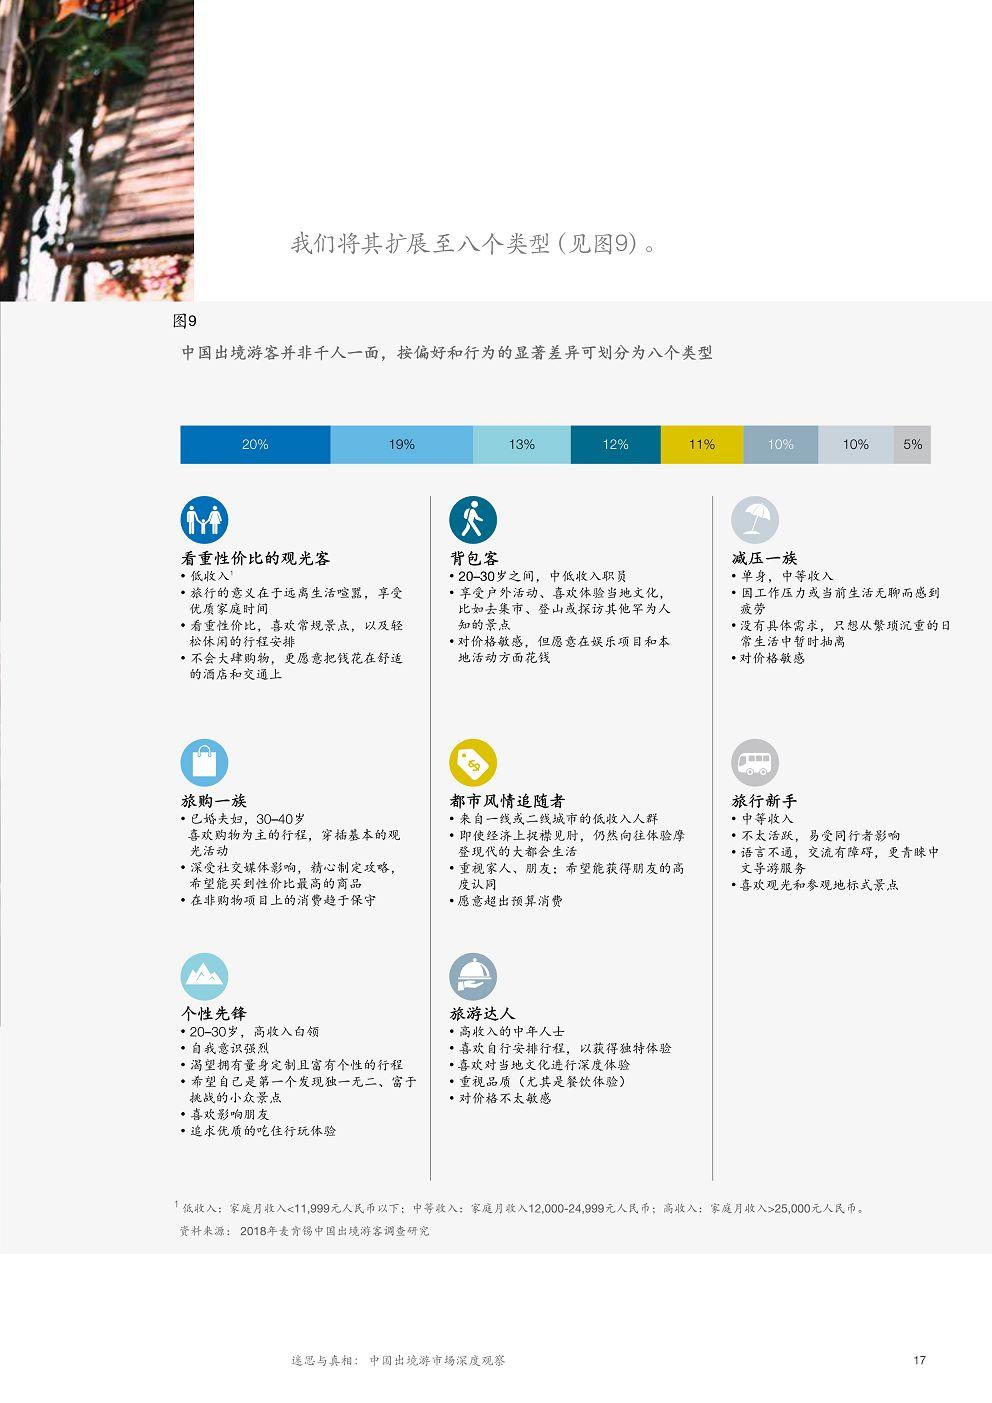 McK_China-tourism-report-2018_CN_21